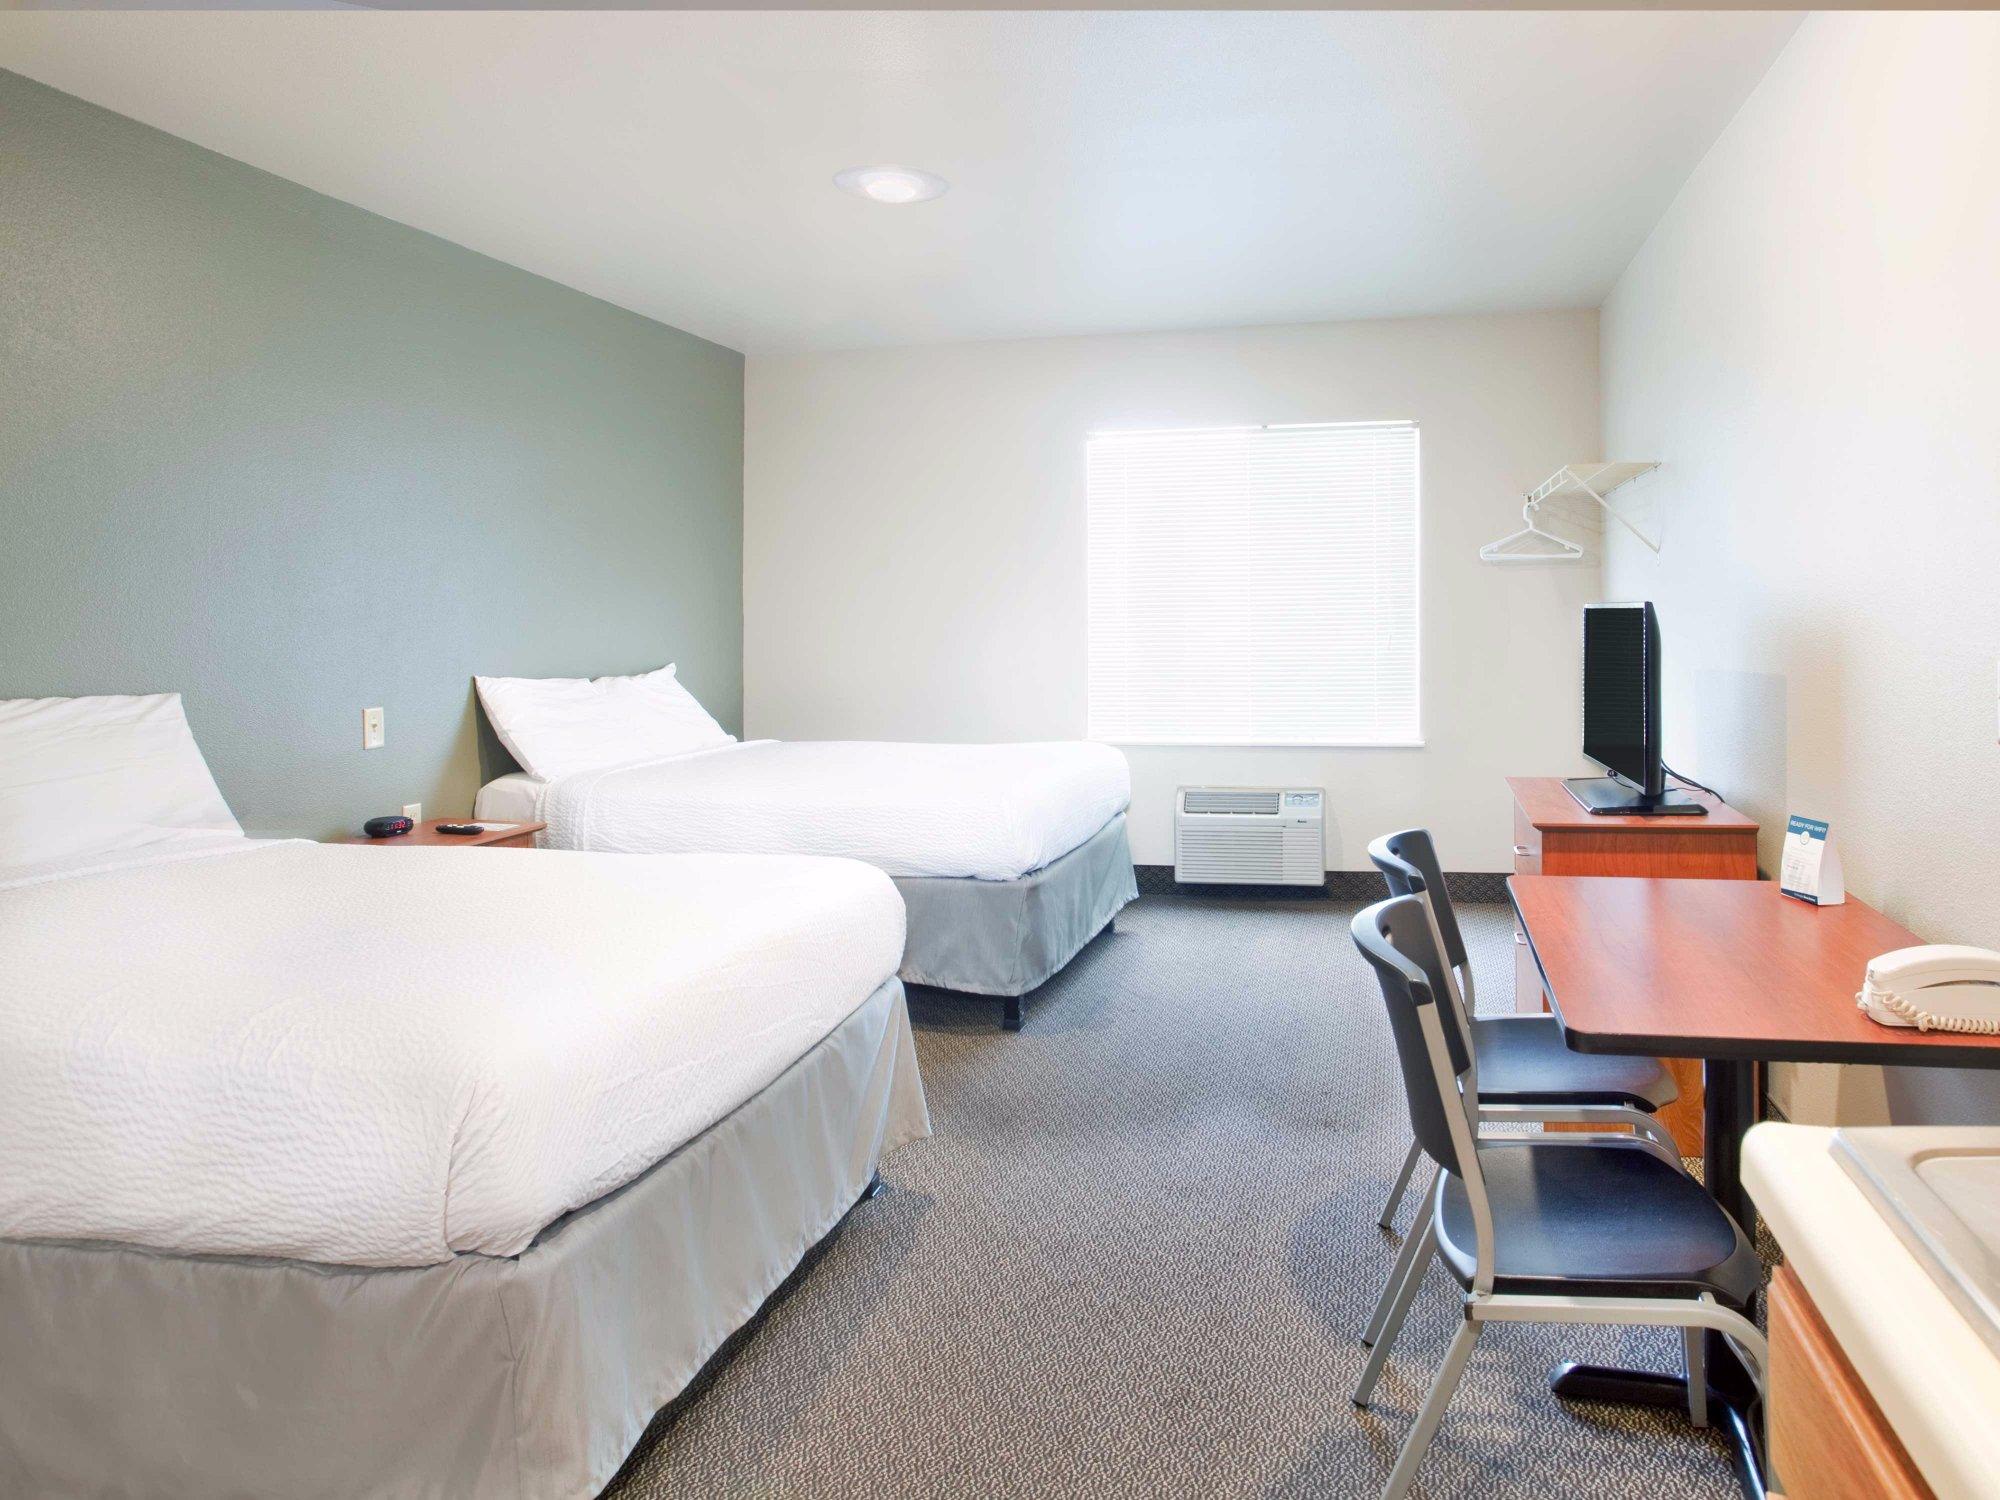 WoodSpring Suites Raleigh Garner